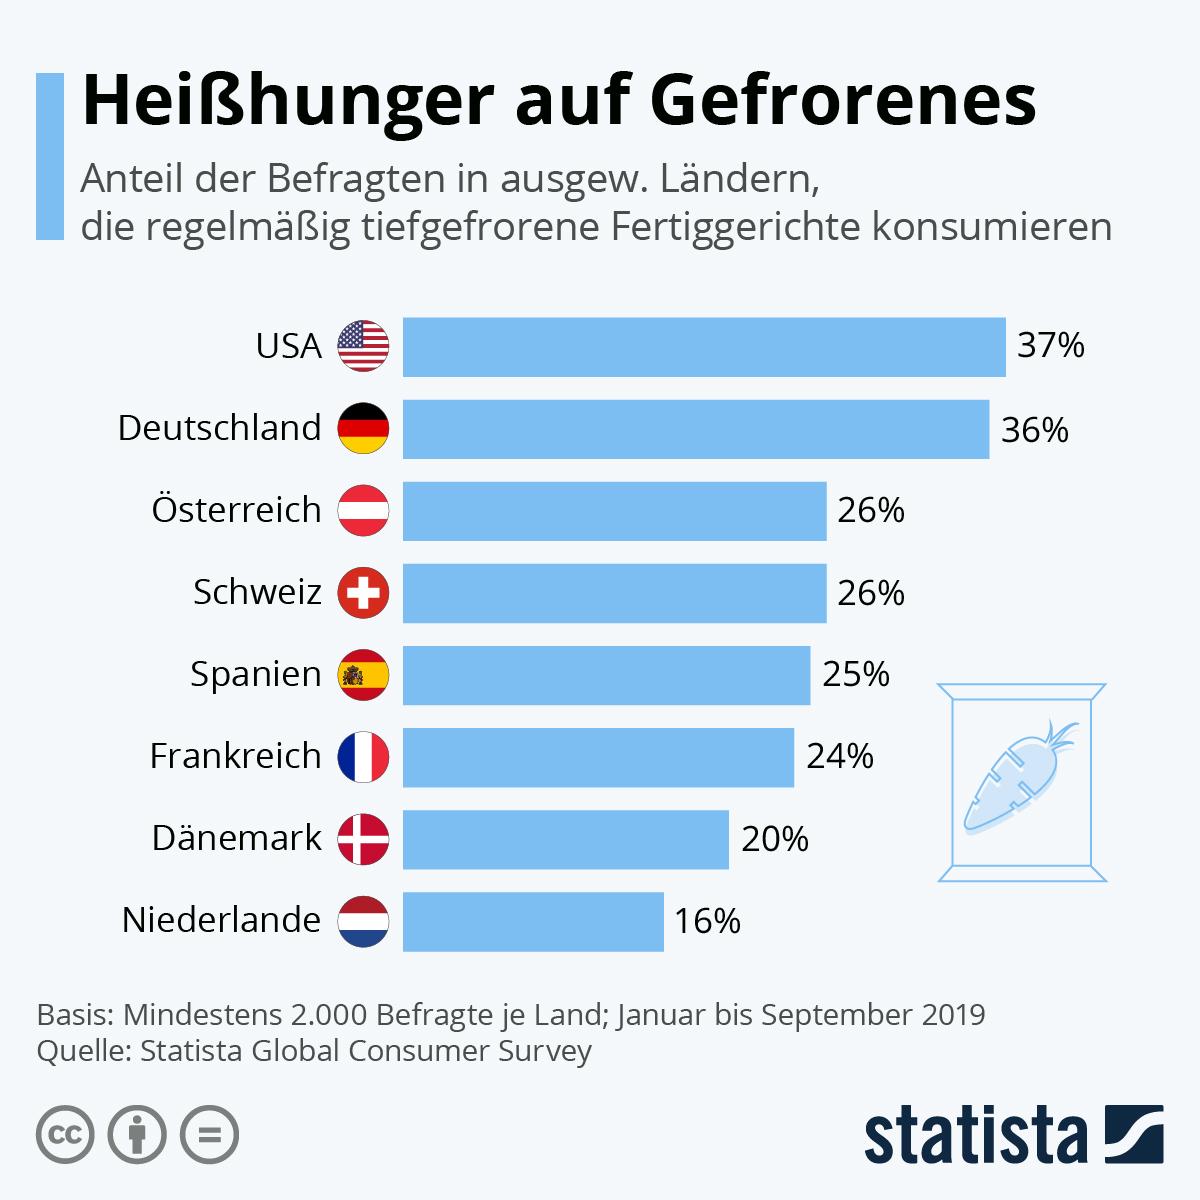 Infografik: Heißhunger auf Gefrorenes | Statista